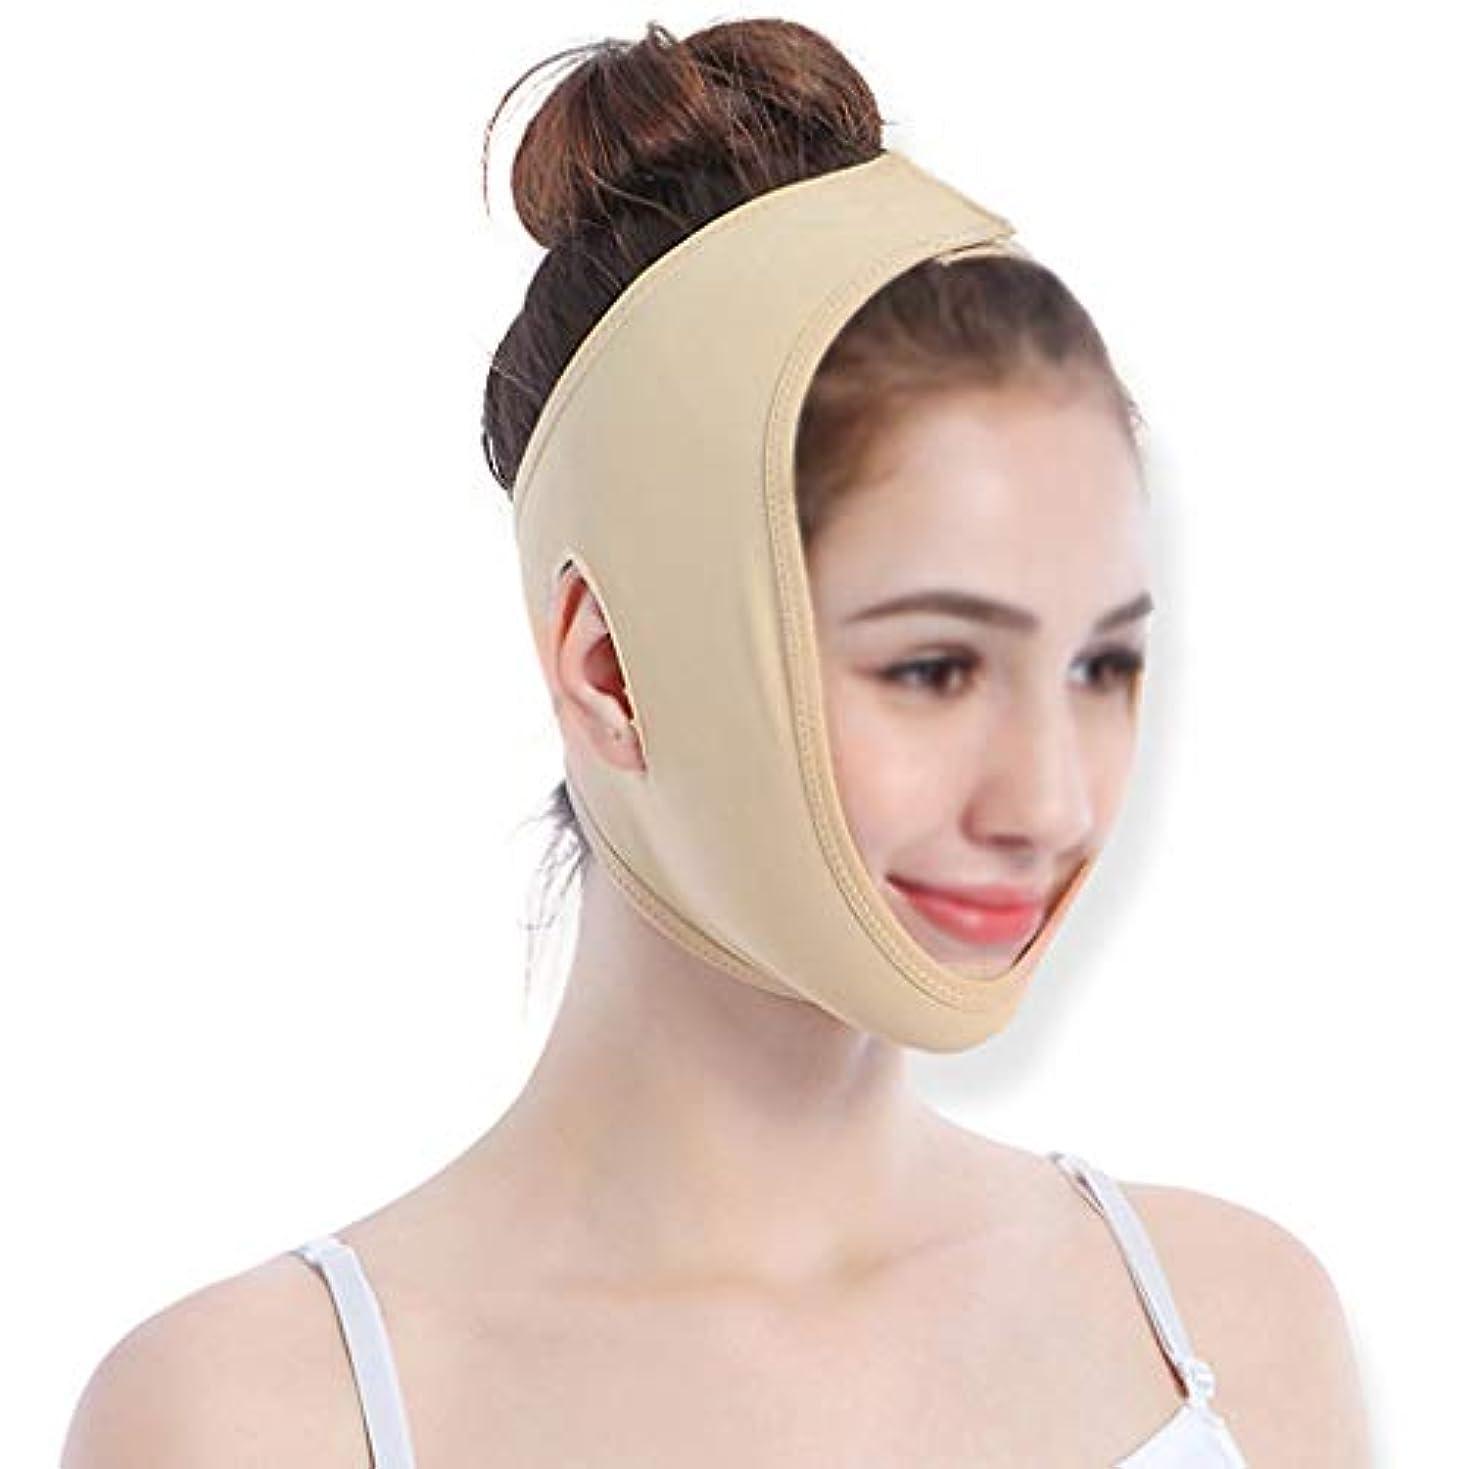 編集する腐った正当化するGLJJQMY スリムな包帯V顔の顔のアーティファクトは、女性と女性のための繊細な顔のしわ防止フェイシャルツールを向上させます 顔用整形マスク (Size : M)